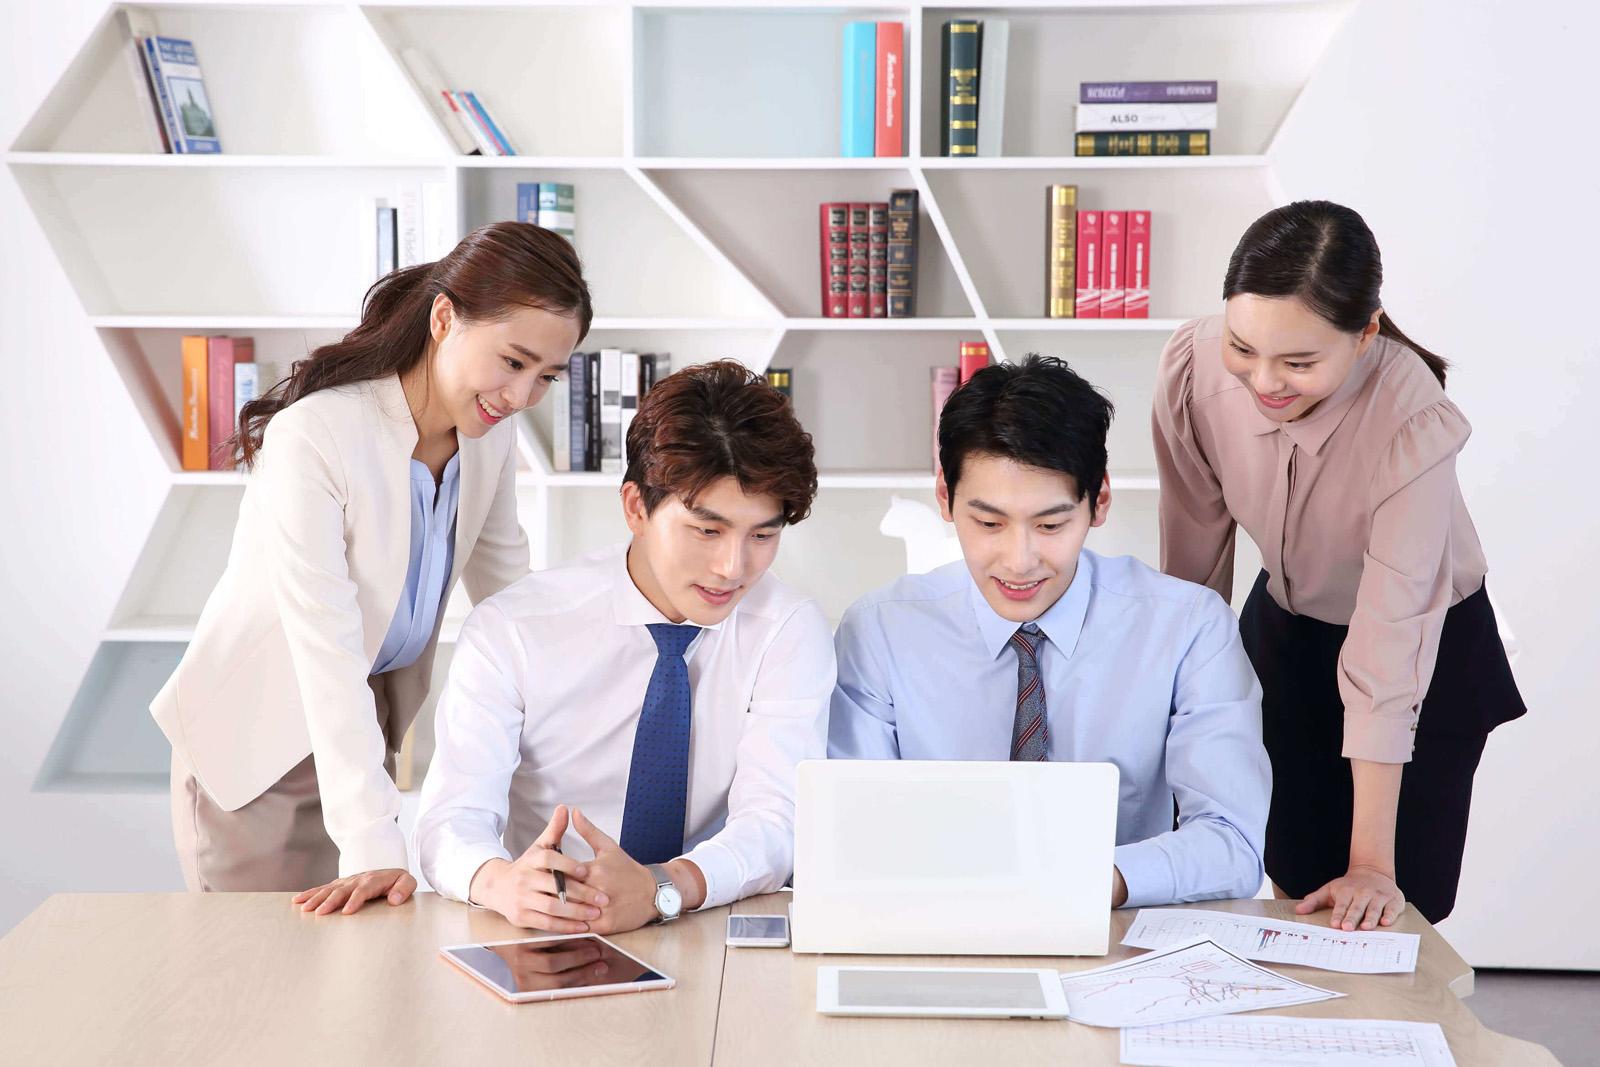 卖家在选择速卖通平台推广活动时,该如何进行操作?